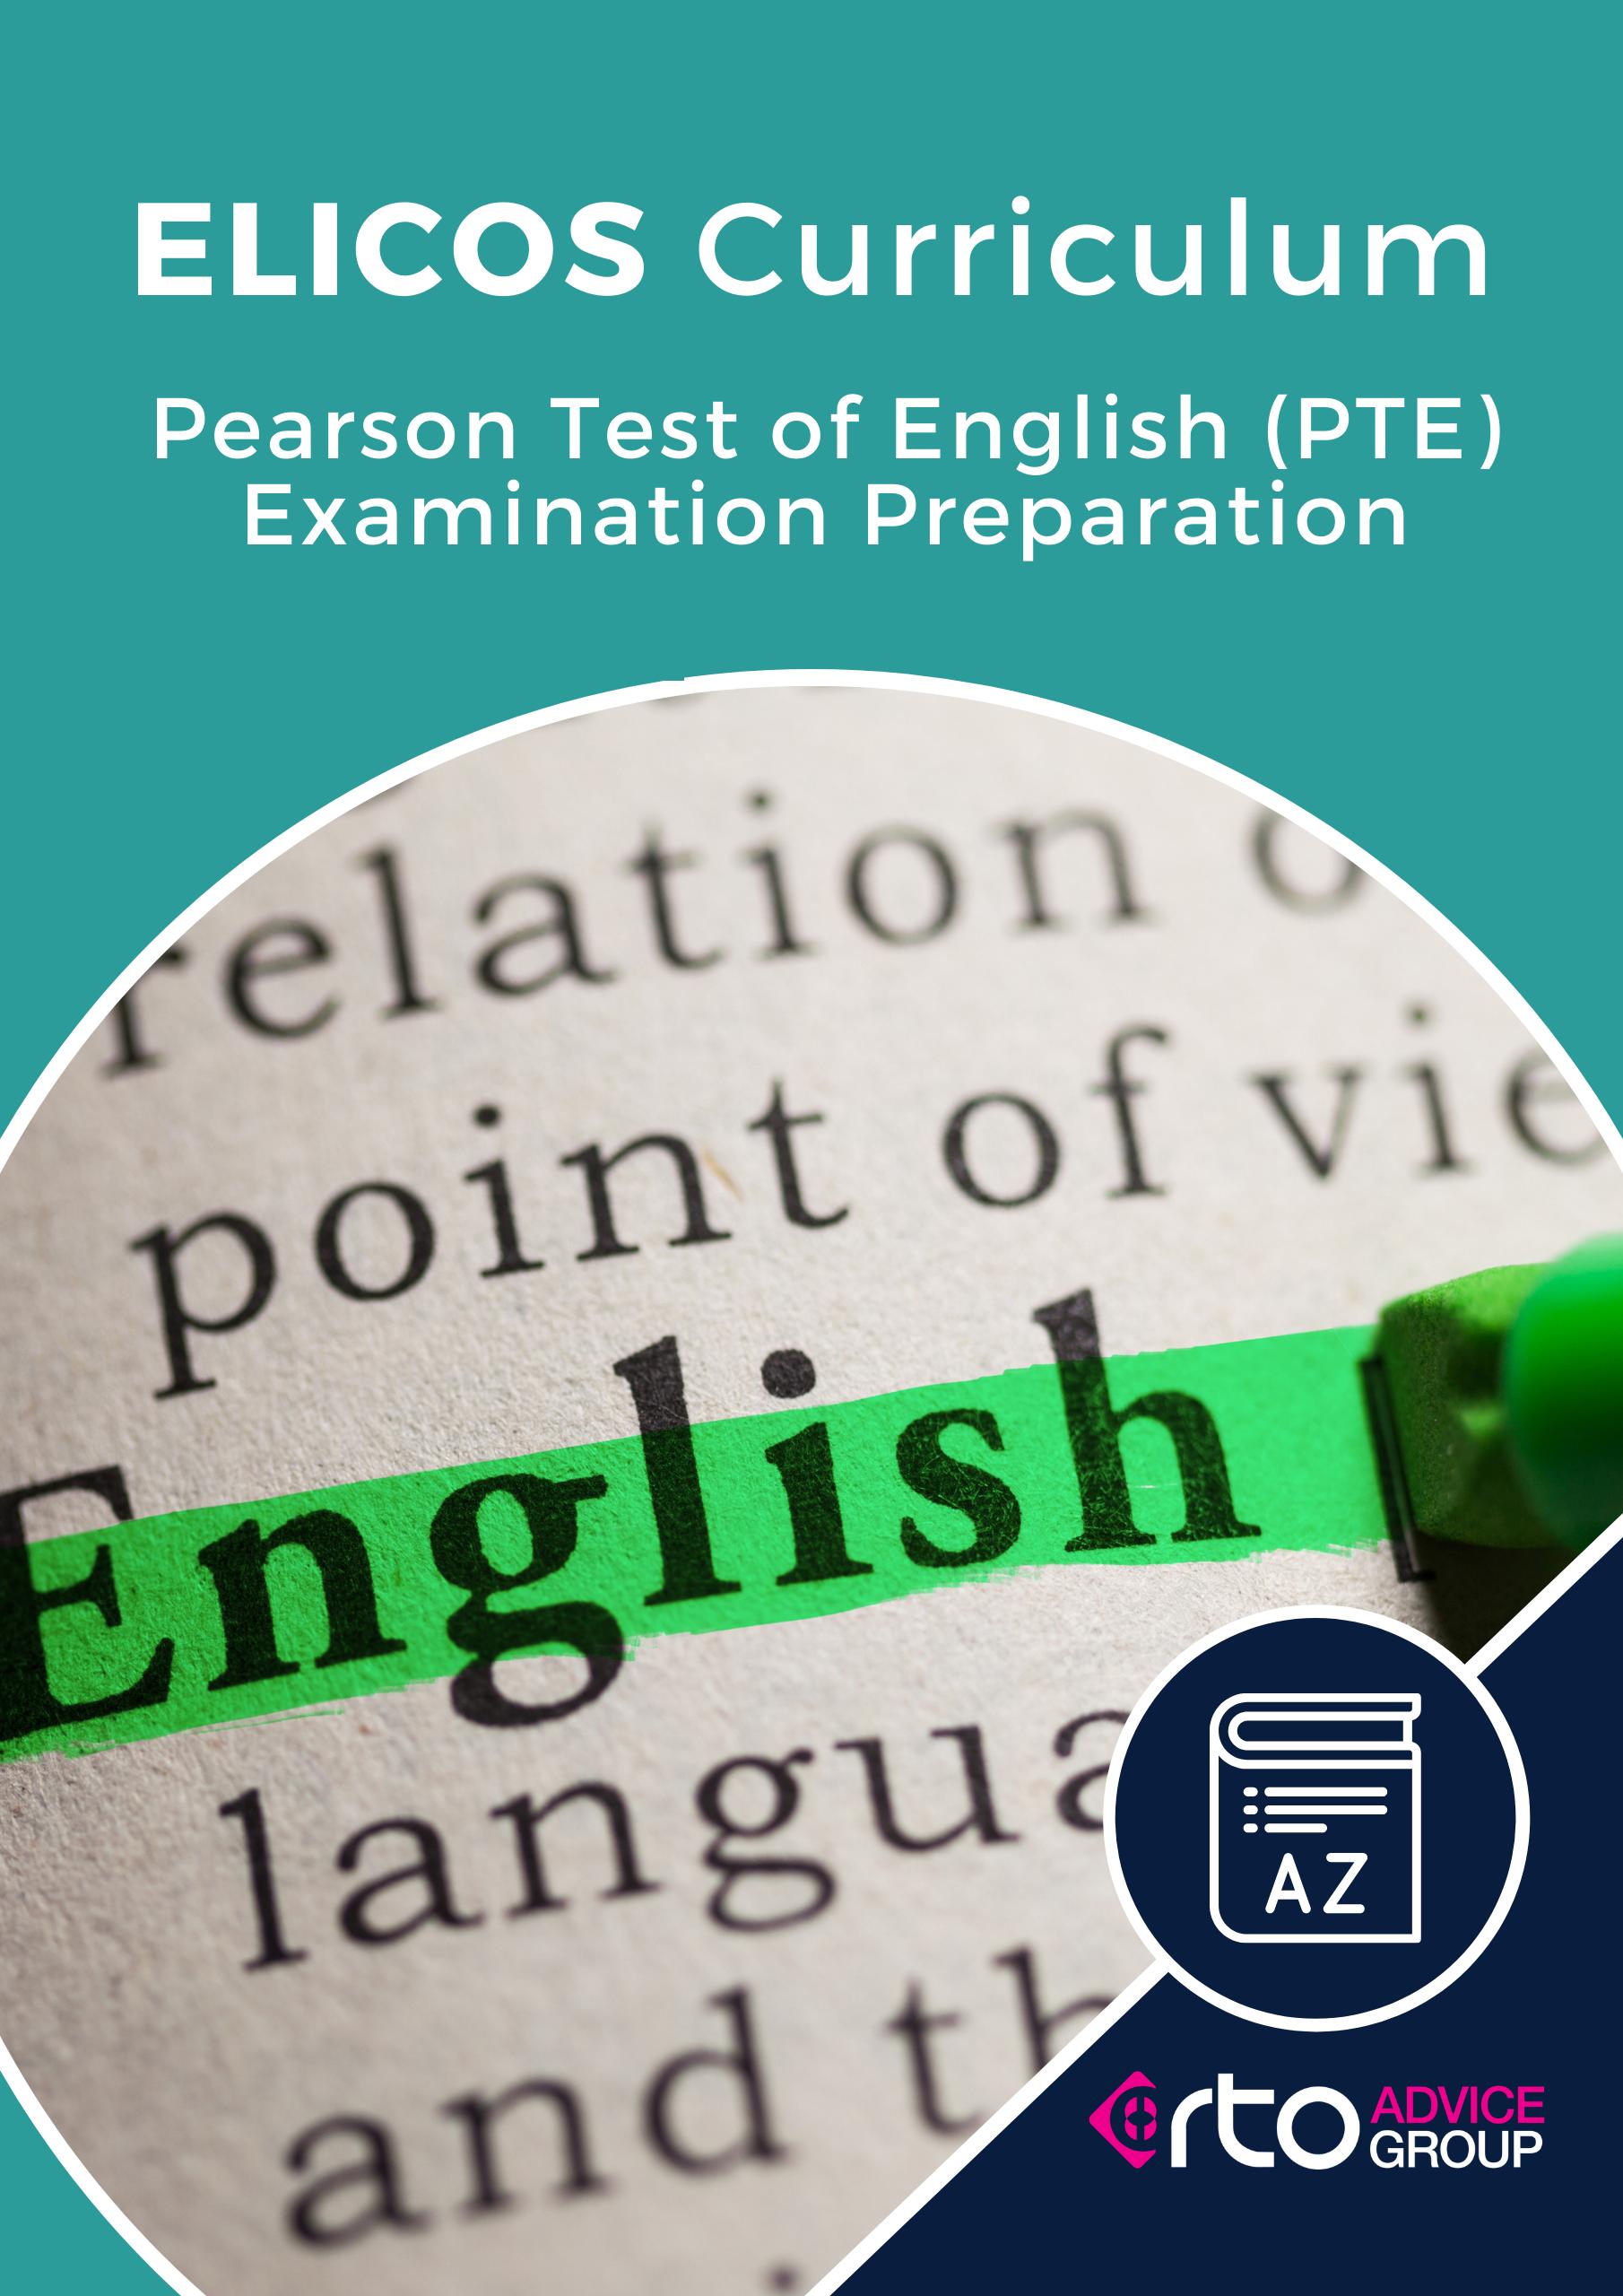 ELICOS PTE Examination Preparation